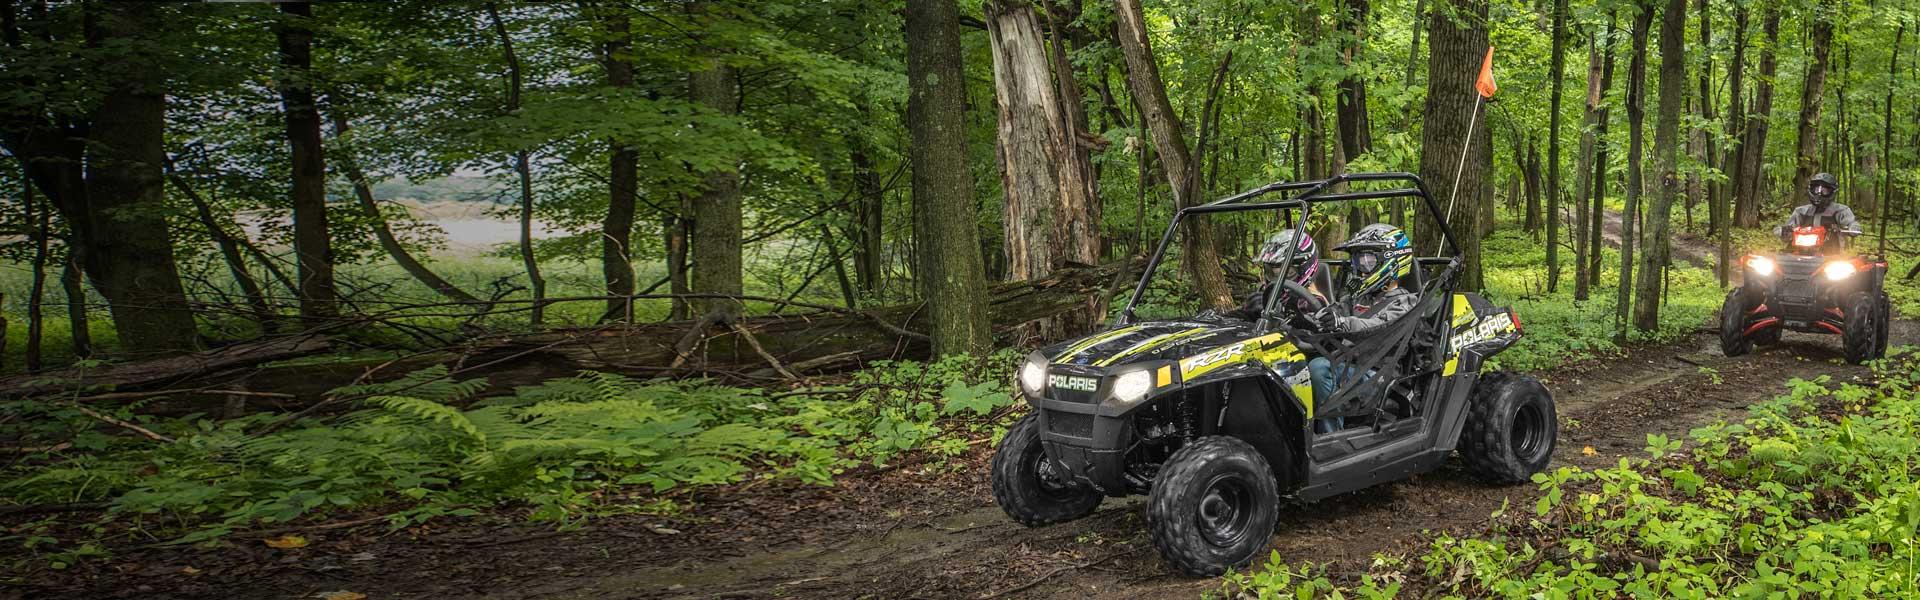 Polaris UK:Rzr® 170 EFI